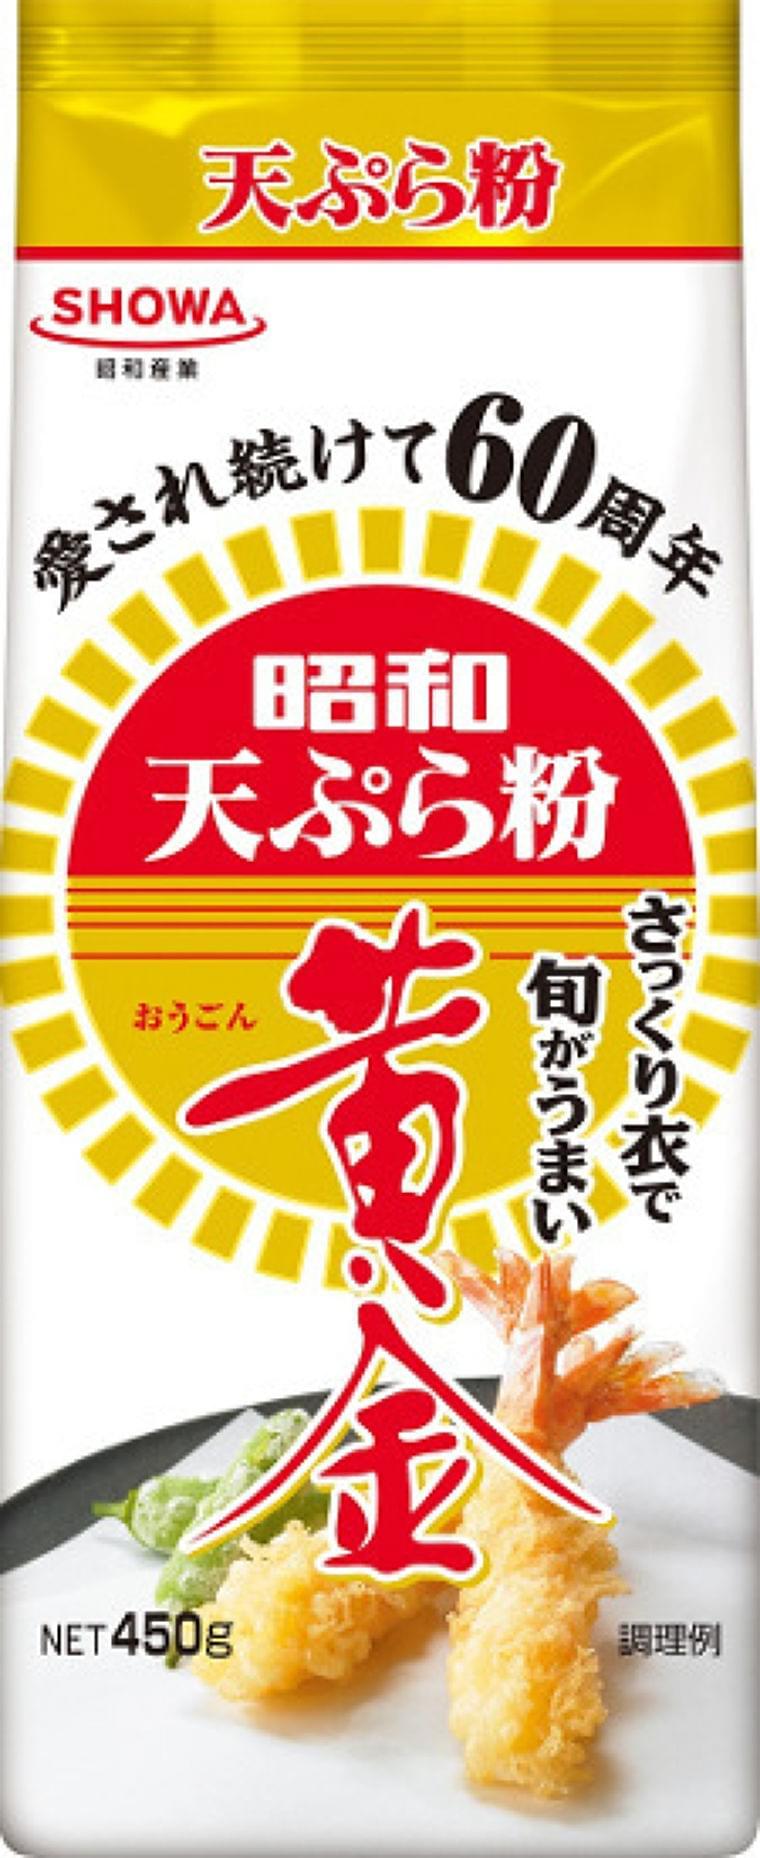 昭和産業、揚げたて天ぷらで「おうちごはん」提案、レシピ3品の動画公開 食品産業新聞社ニュースWEB